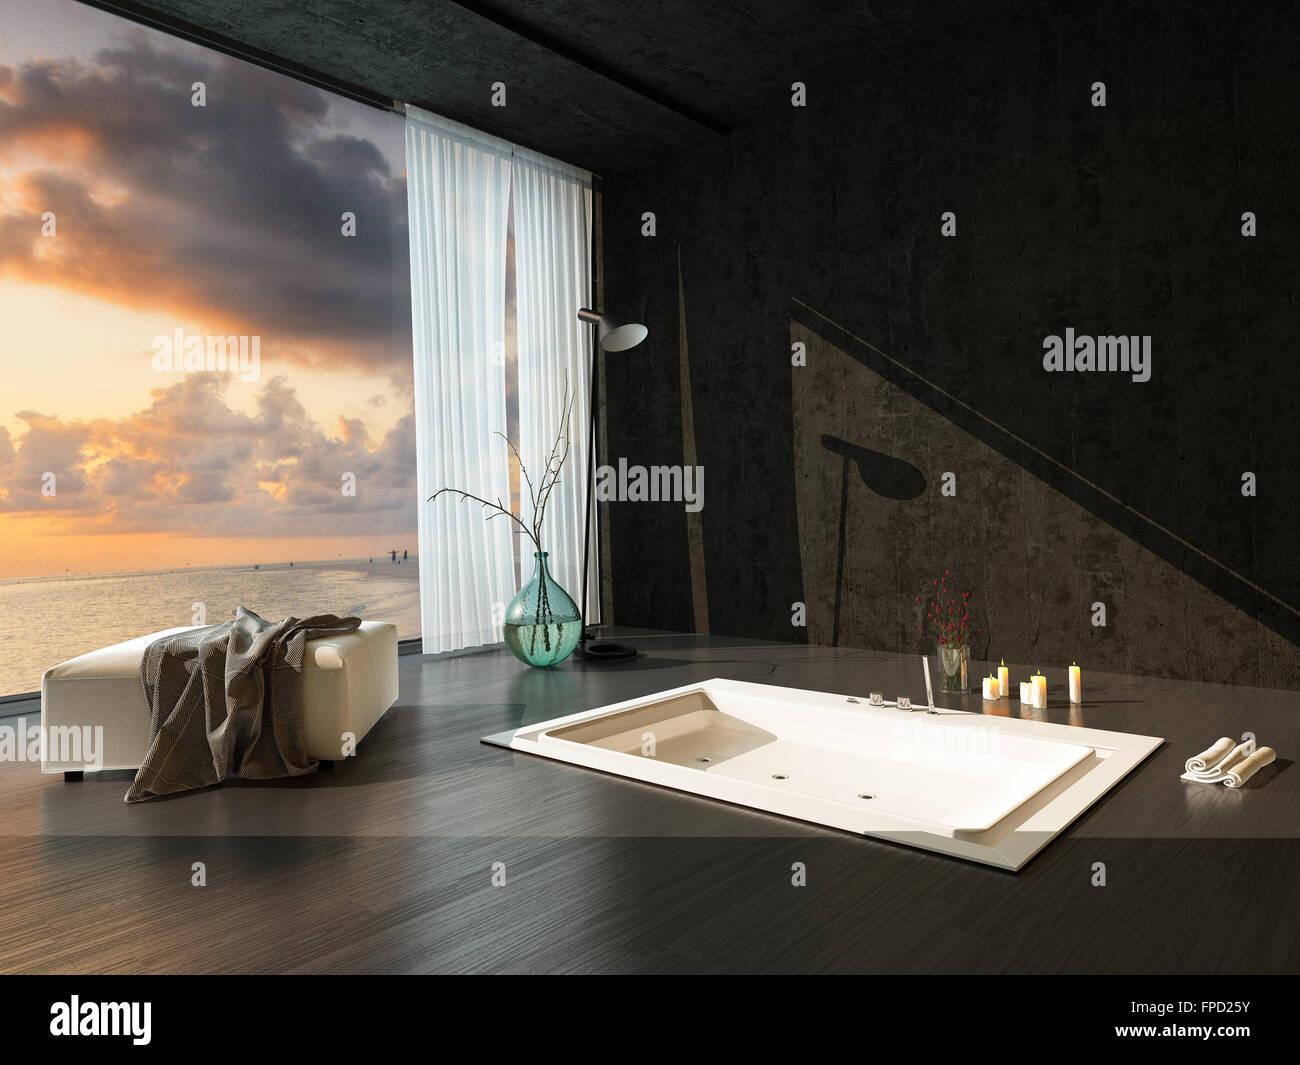 Romantische Versenkte Badewanne In Einem Dunklen Akzentuierte